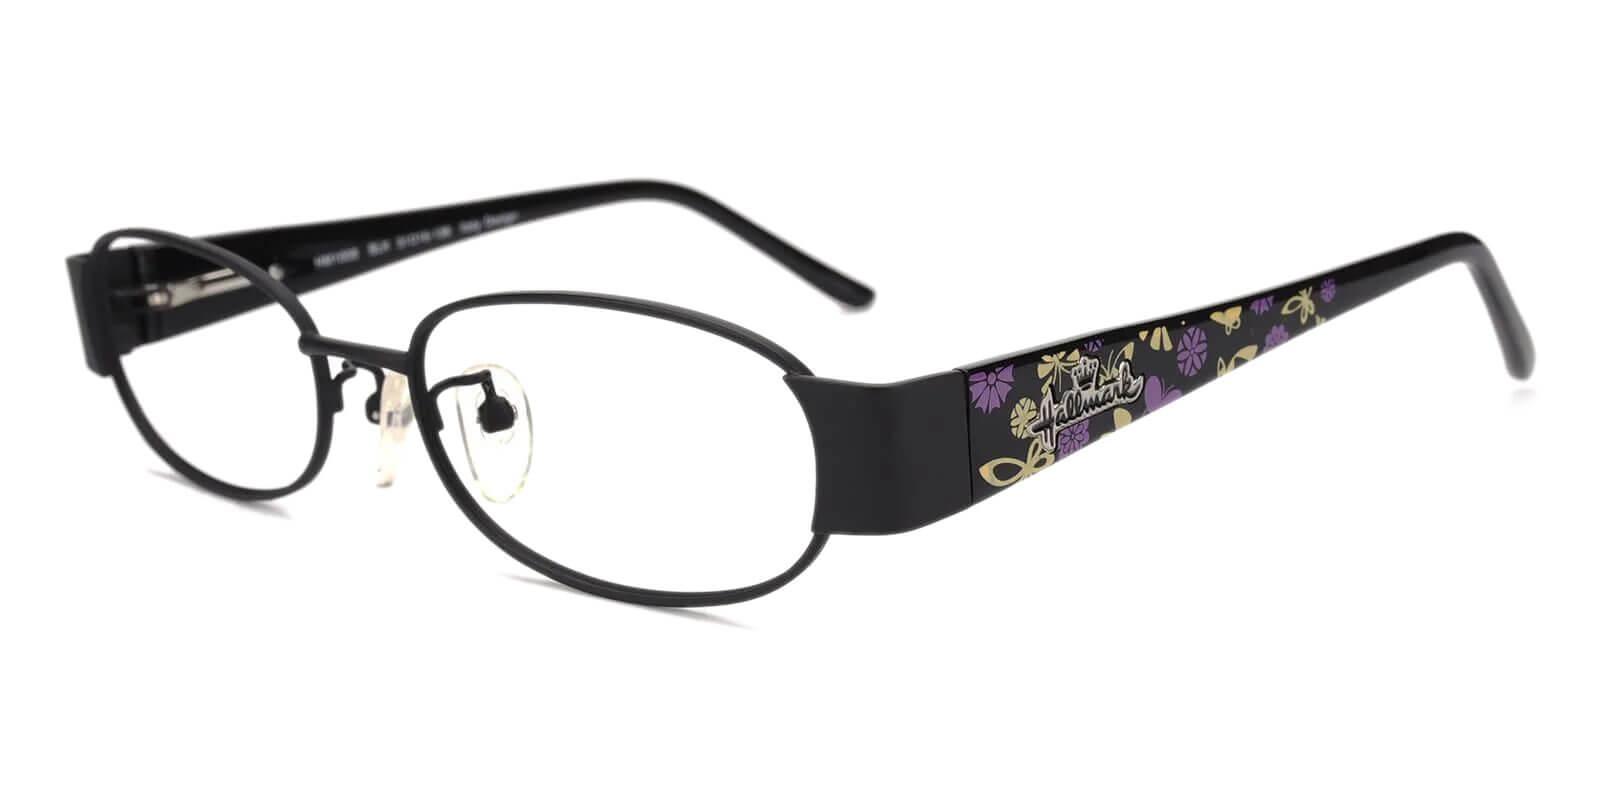 Alps Black Metal Eyeglasses , NosePads Frames from ABBE Glasses